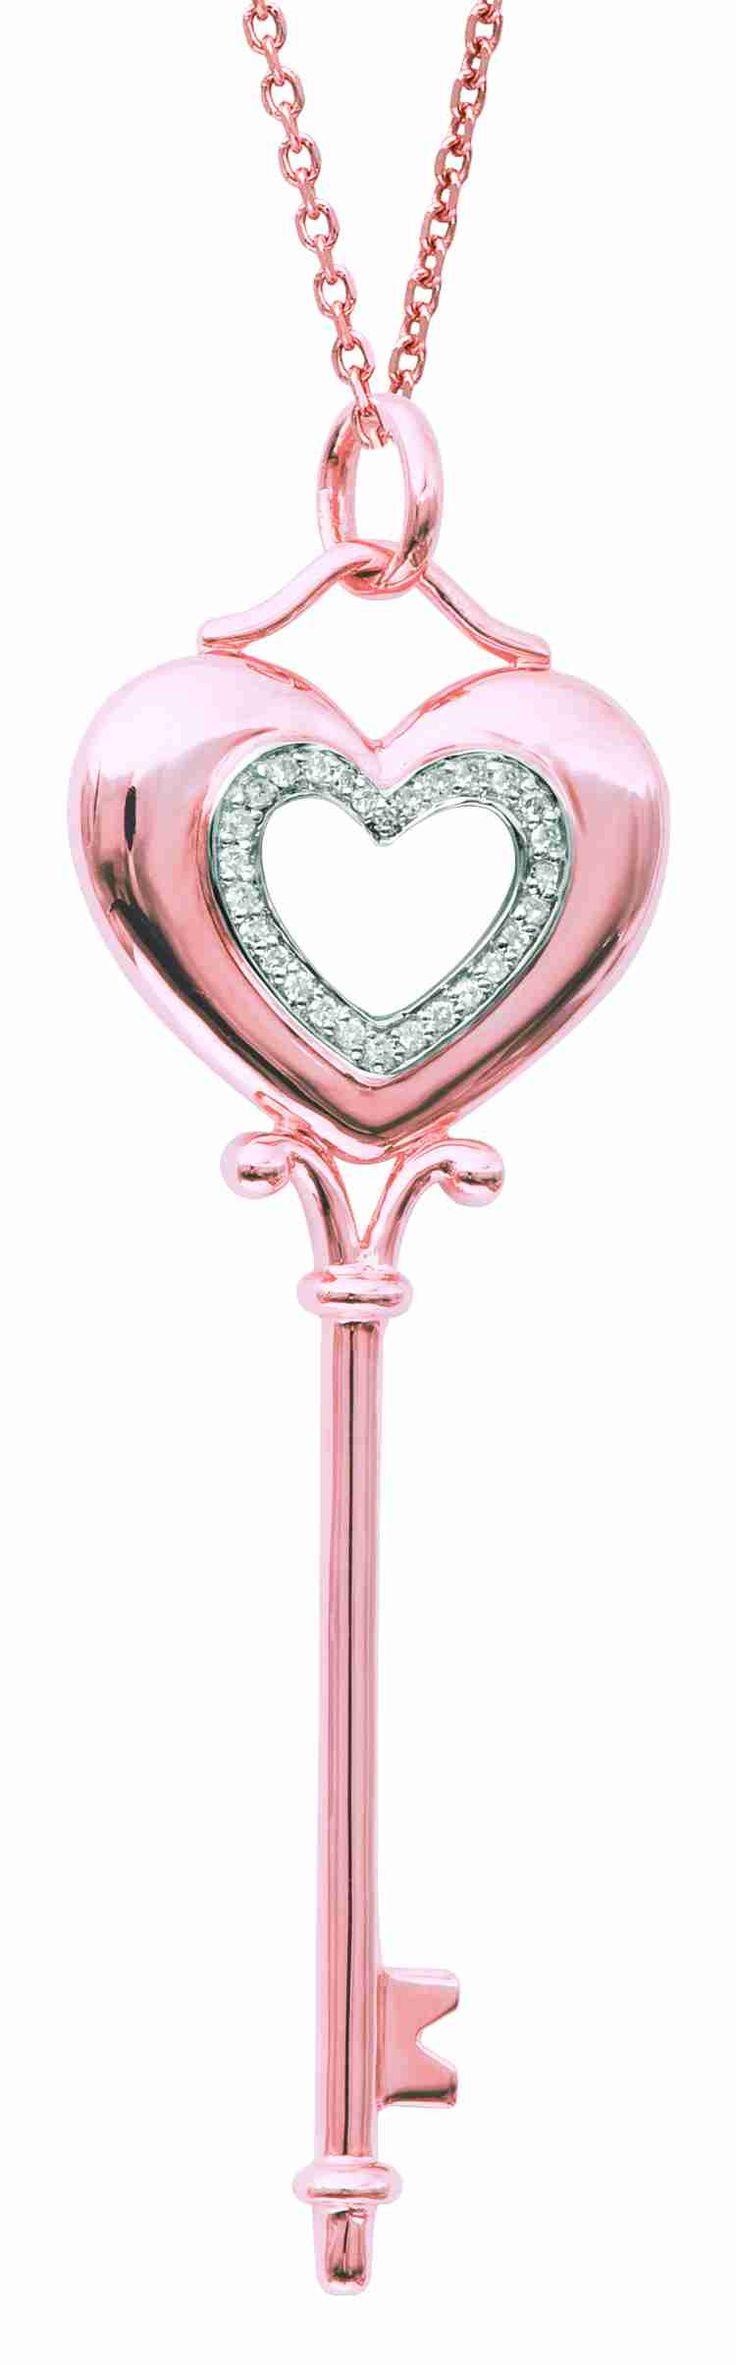 pink & diamond key necklace ✿⊱╮